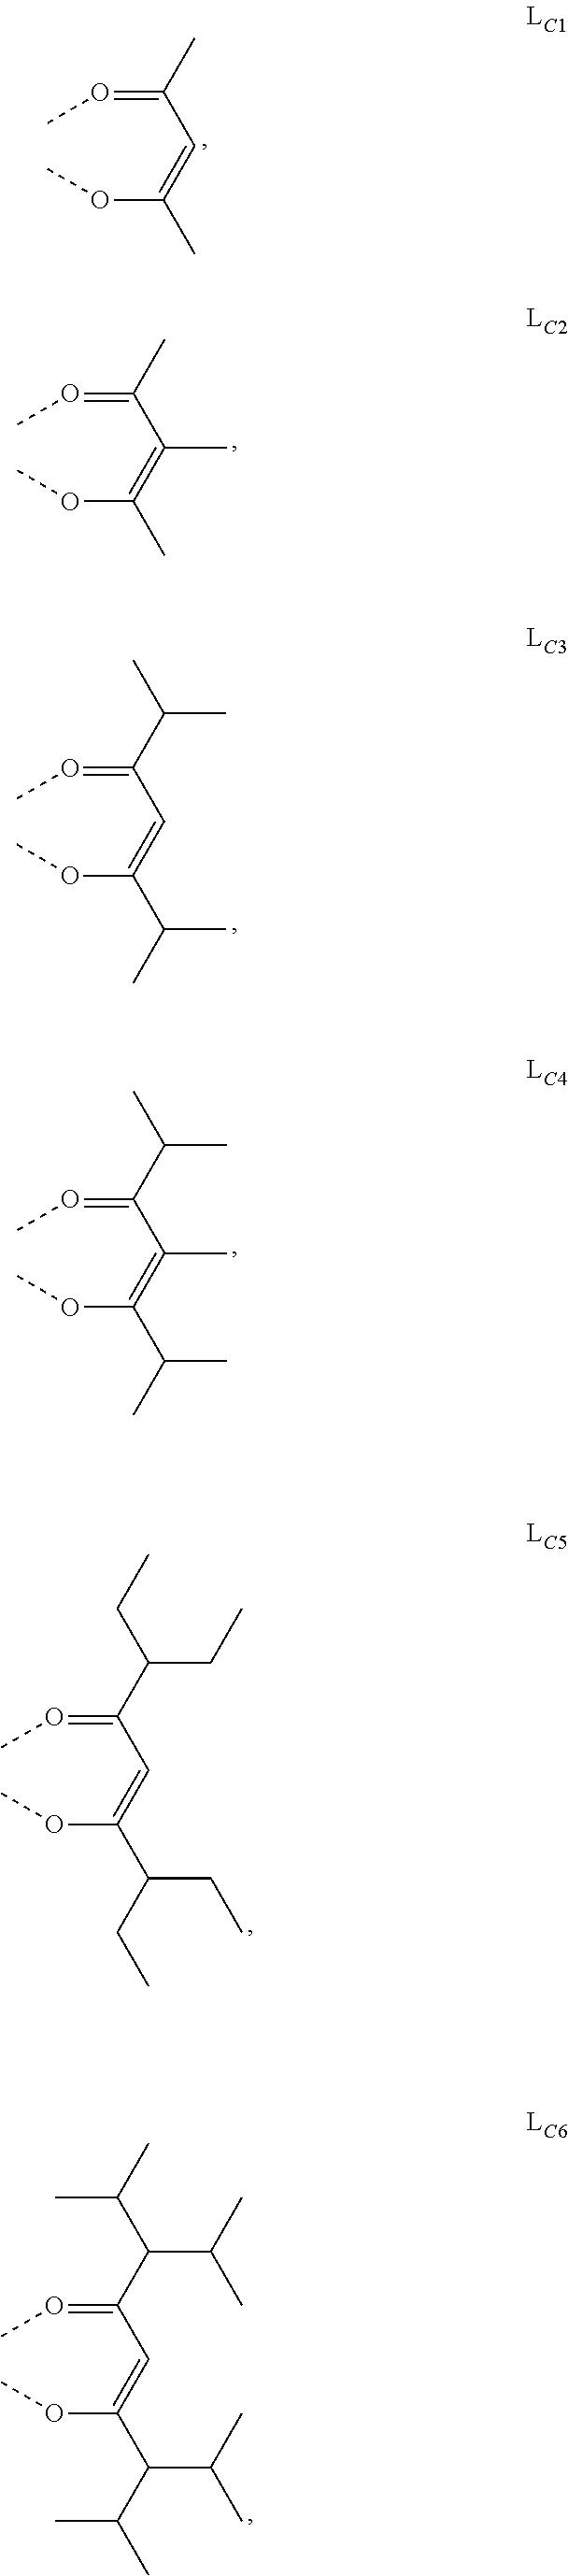 Figure US09929360-20180327-C00033